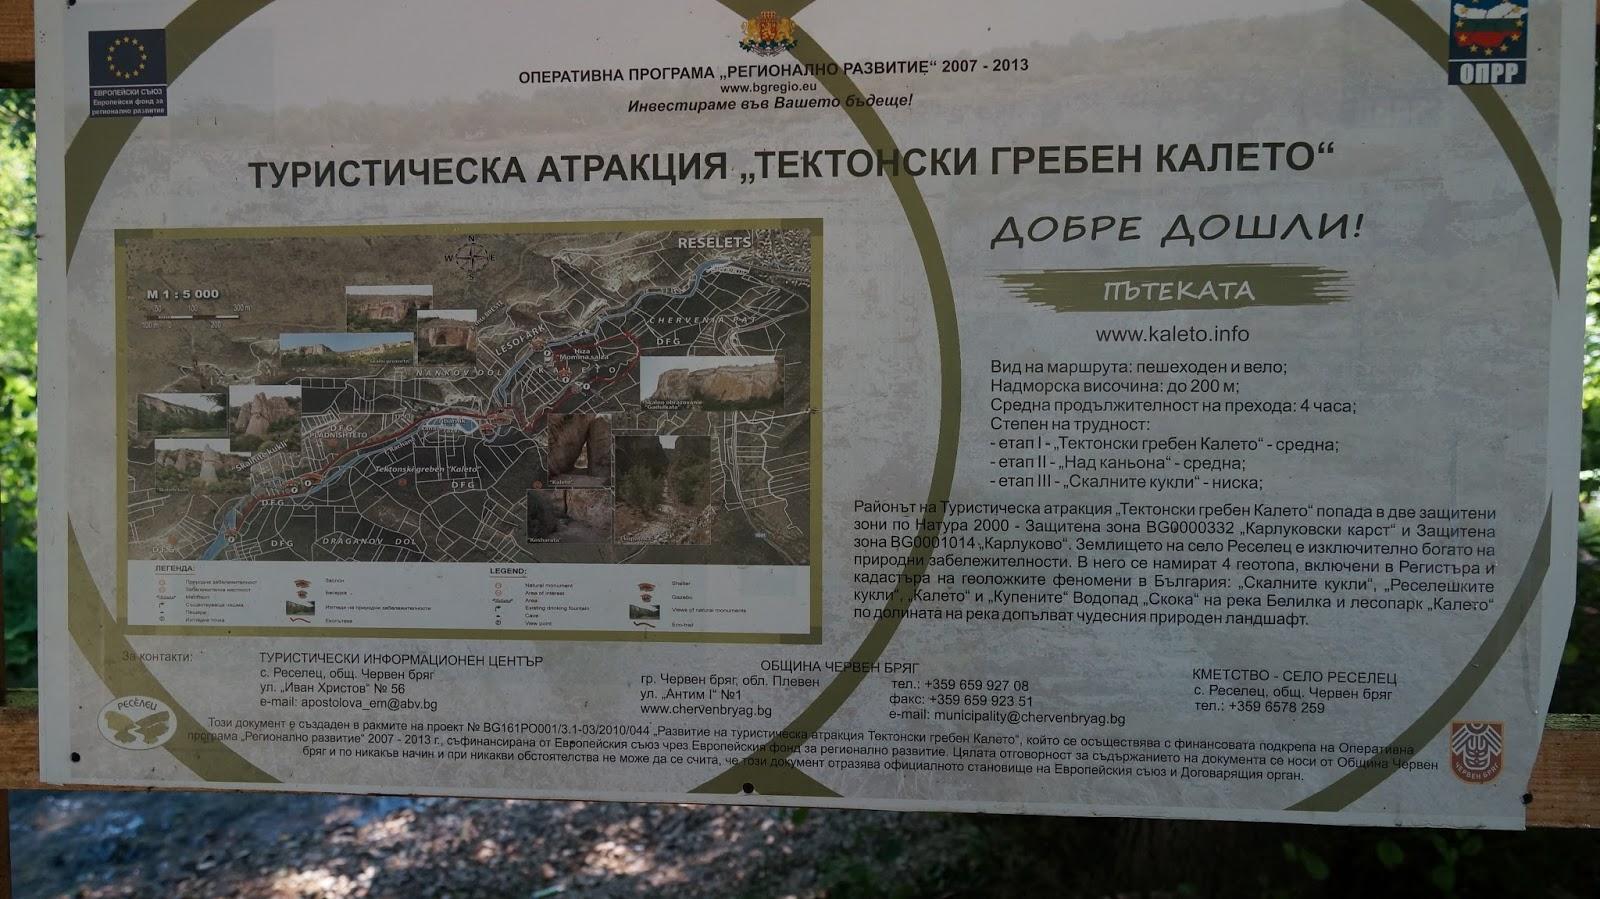 Екопътека Тектонски гребен Калето